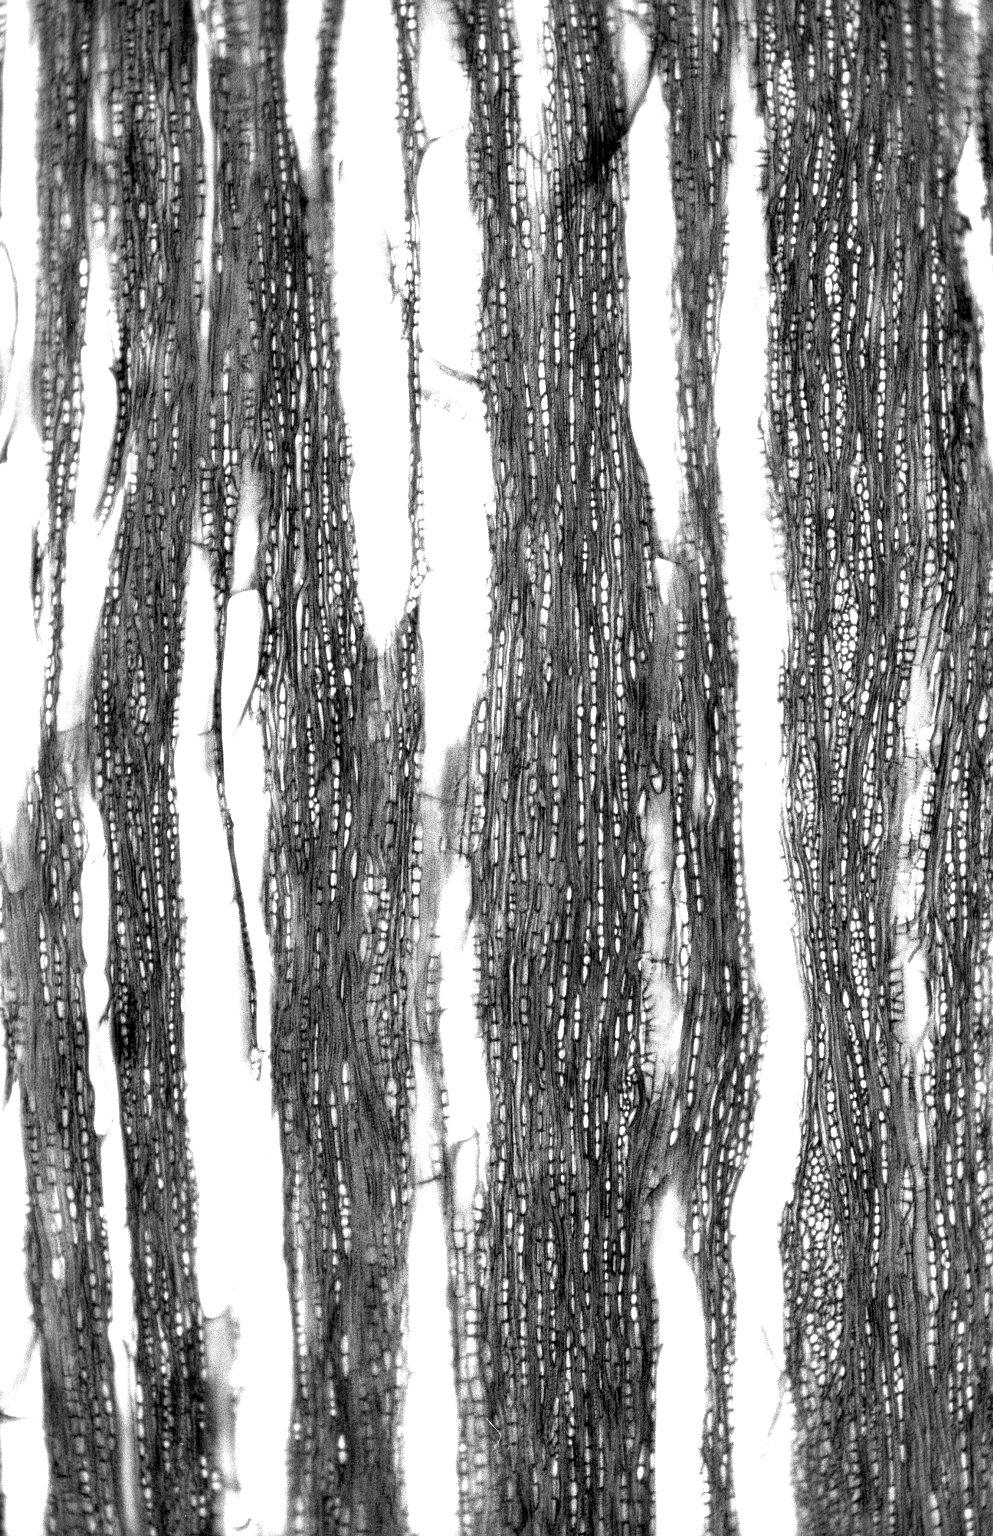 CELASTRACEAE Cheiloclinium anomalum